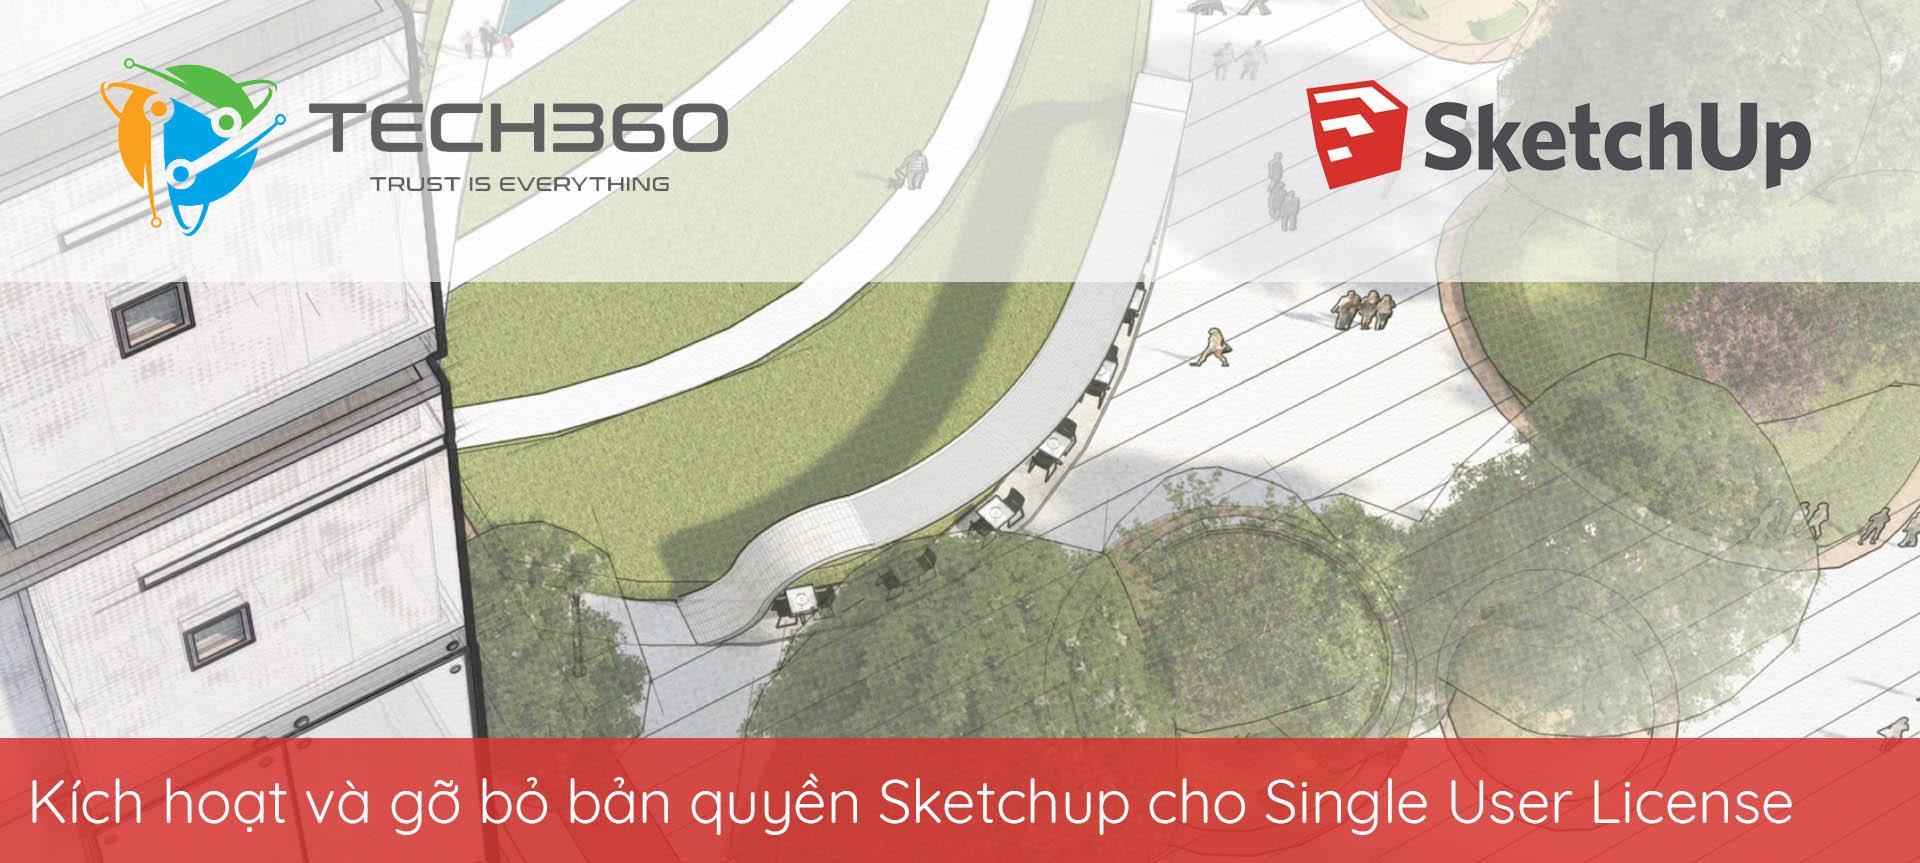 Hướng dẫn kích hoạt và gỡ bỏ bản quyền SketchUp